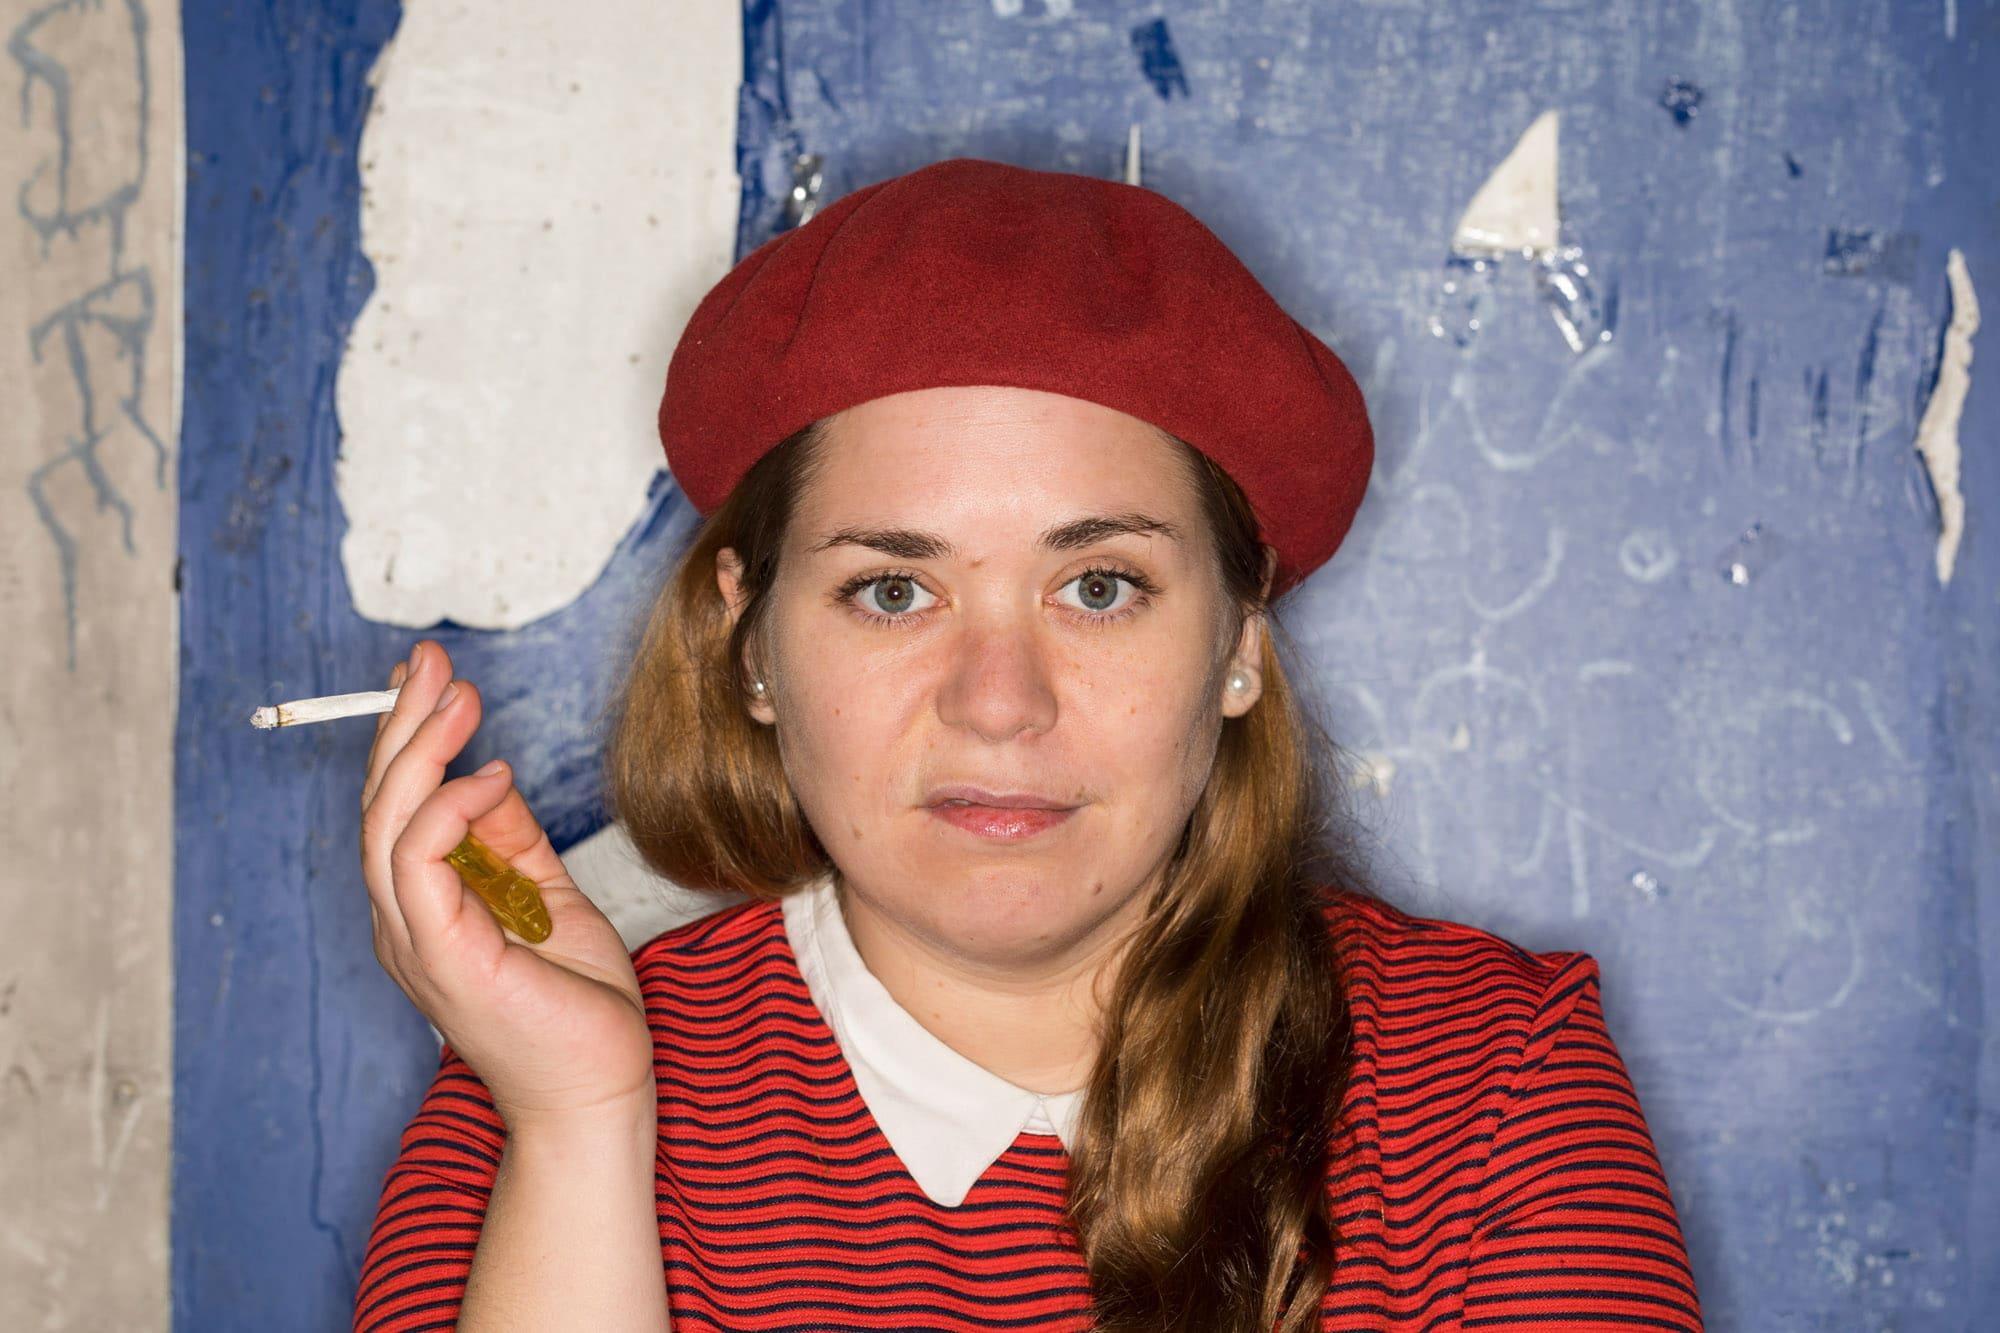 Endlich eine Zigarette: Stefanie Sargnagel leidet in rauchfreien Restaurants.